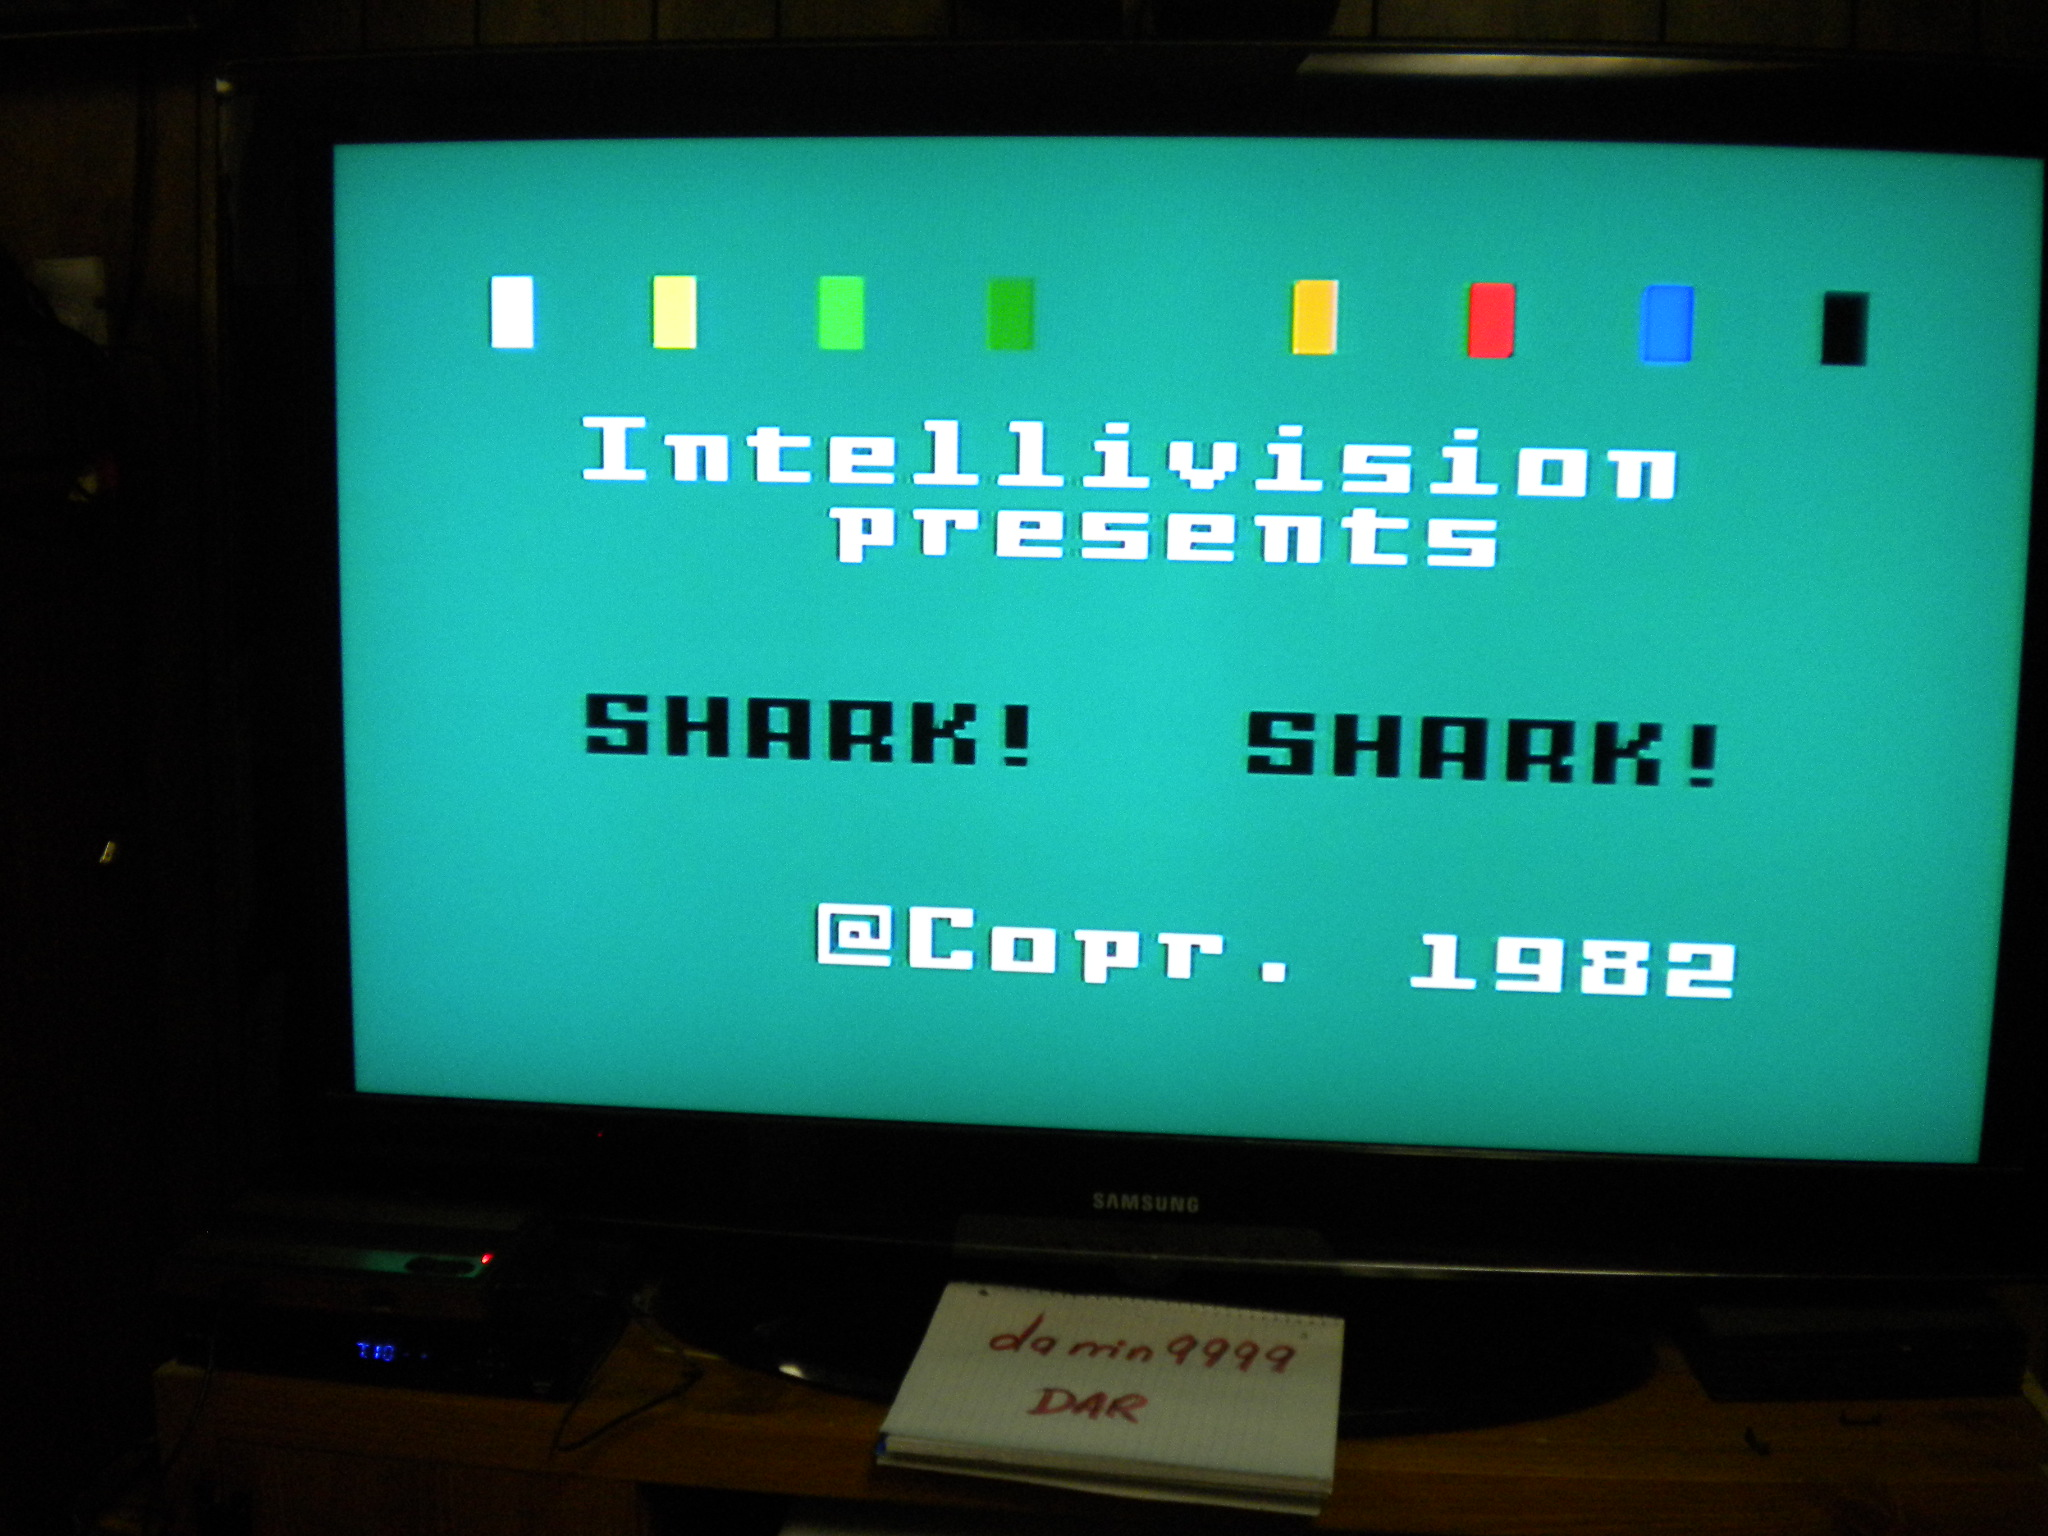 Shark! Shark! 5,150 points